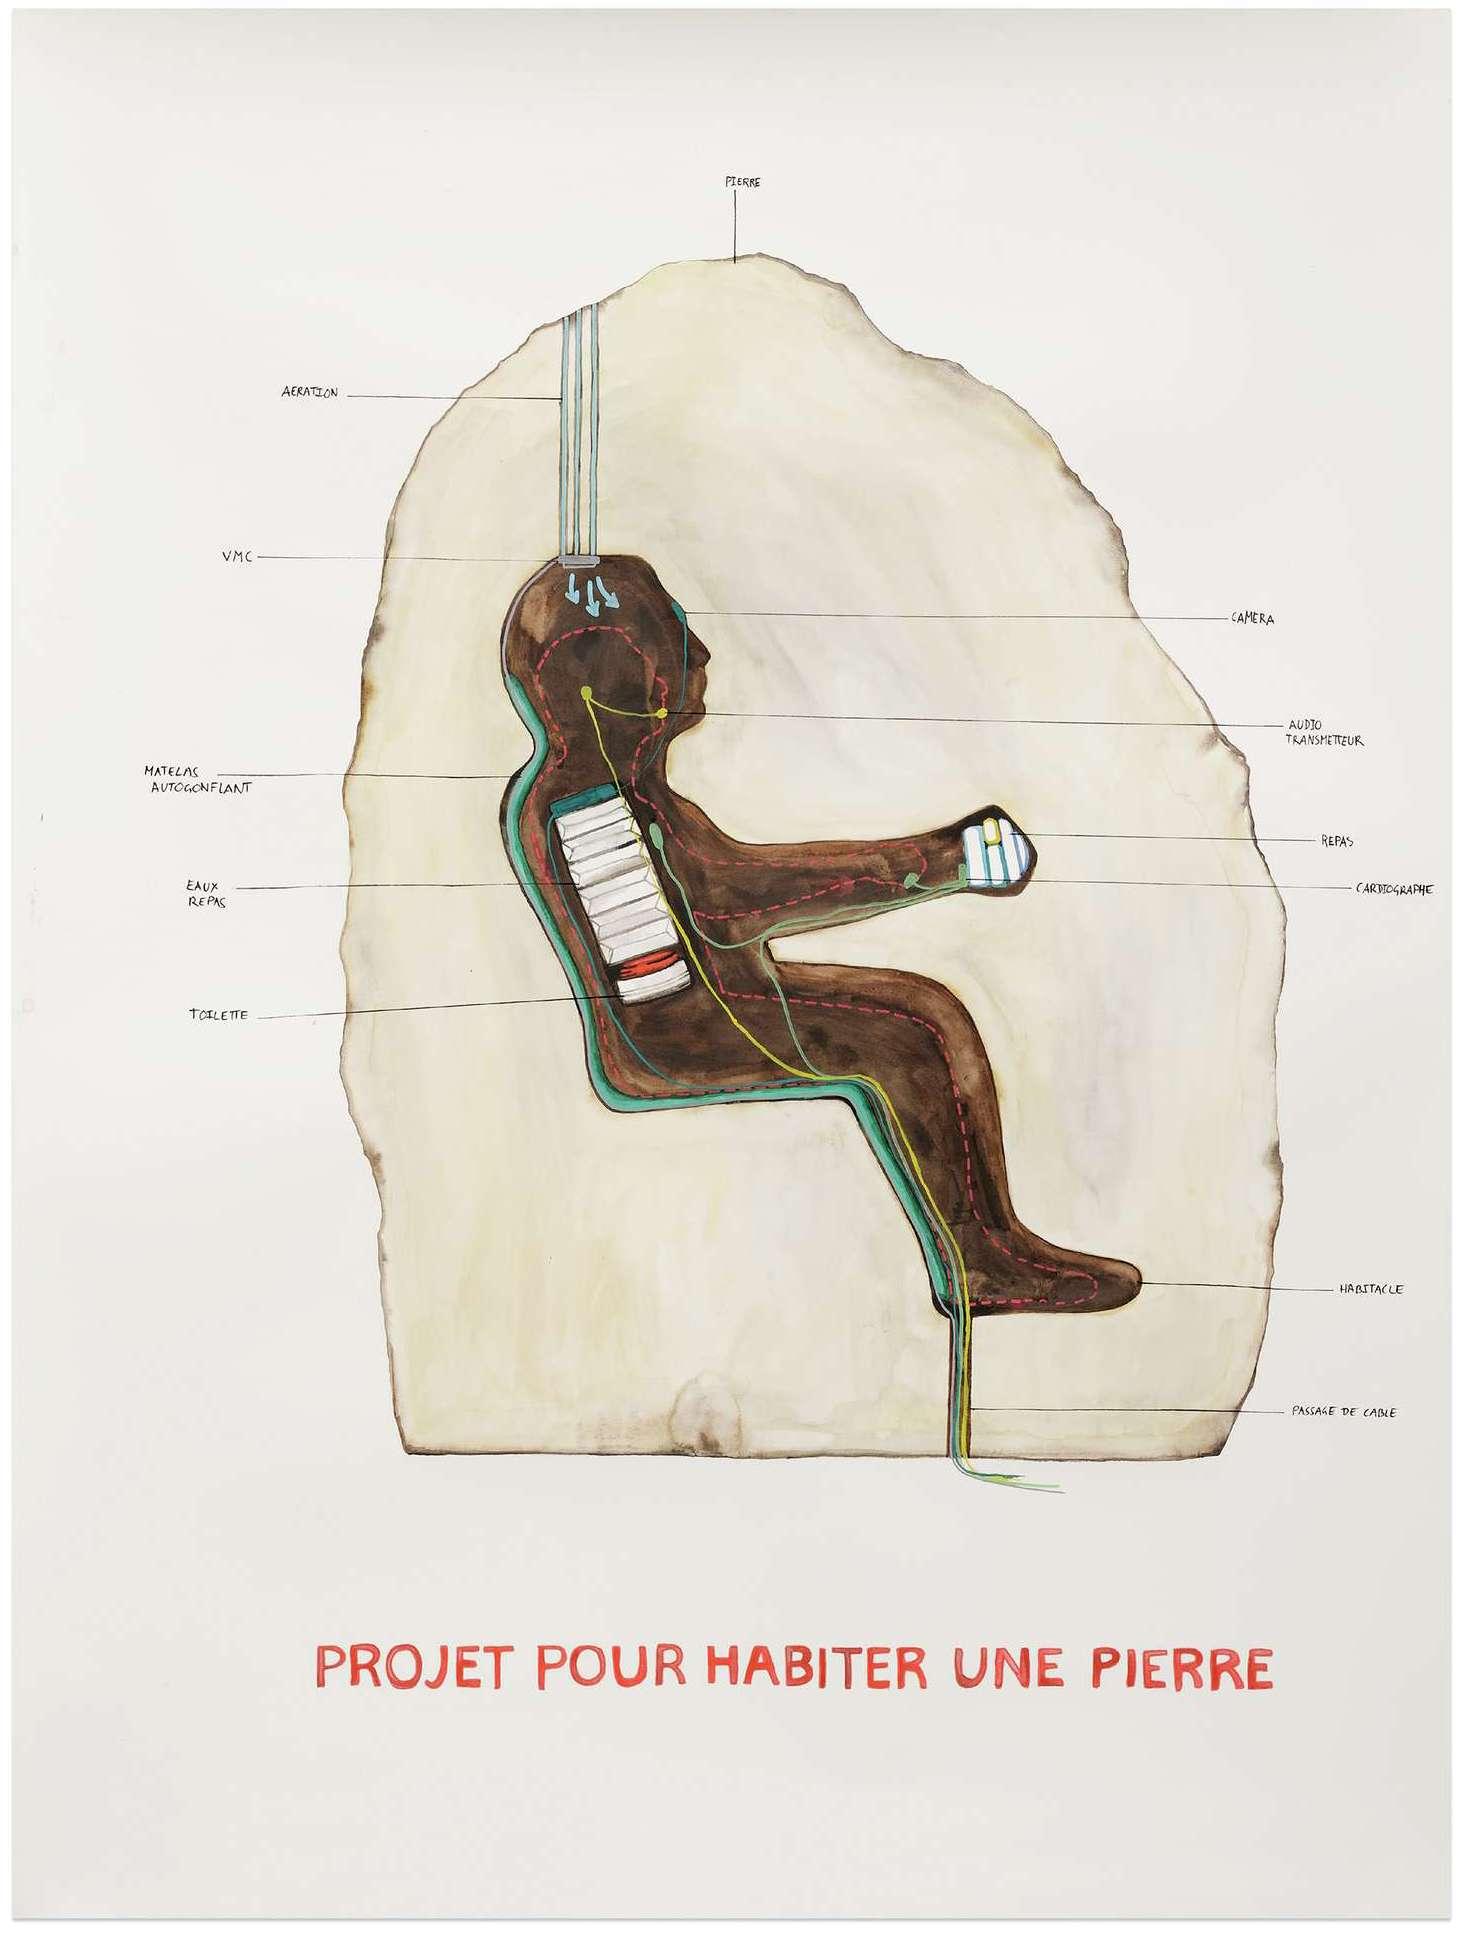 Abraham Poincheval, Projet pour habiter une pierre, 2017 Crayon et aquarelle sur papier115 x 85 cm / 45 2/8 x 33 1/2 inches